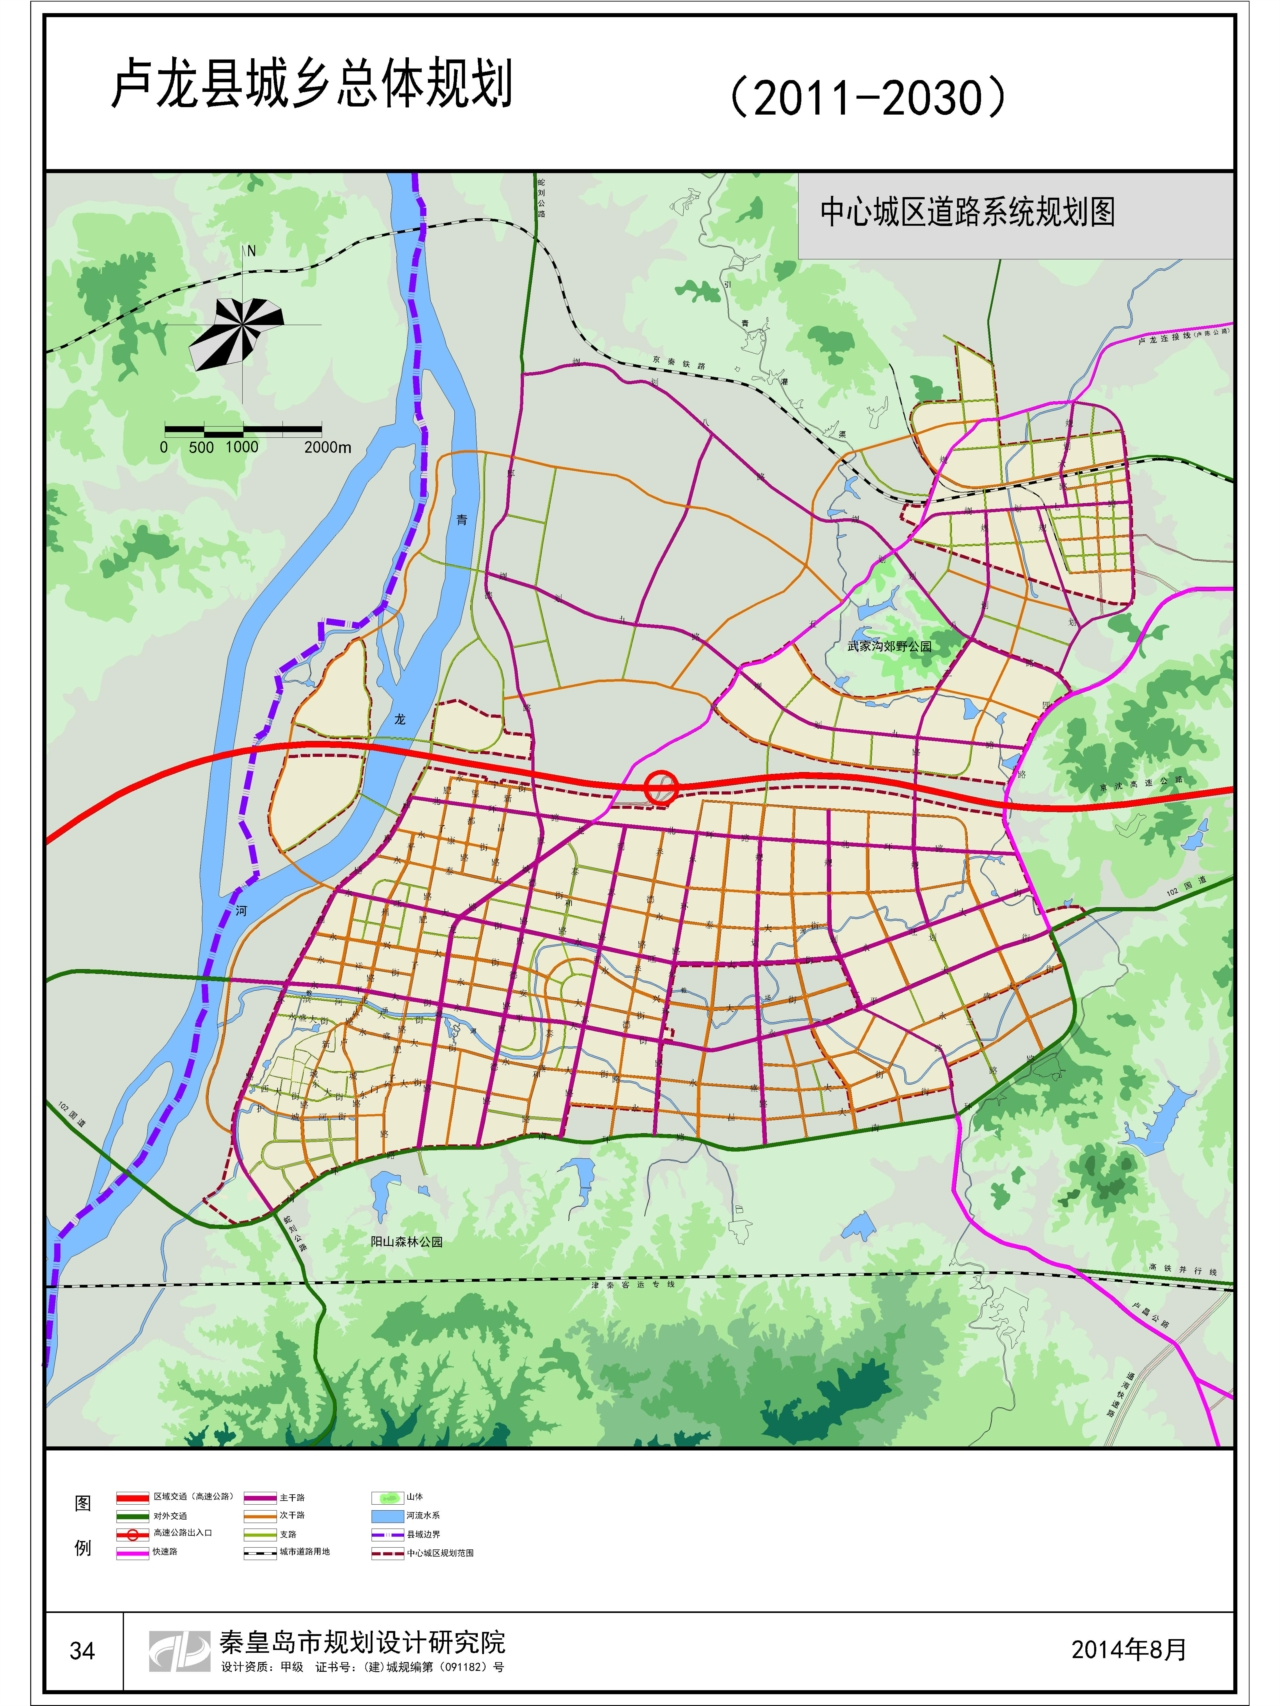 《卢龙县城乡总体规划(2011-2030)》内容摘要